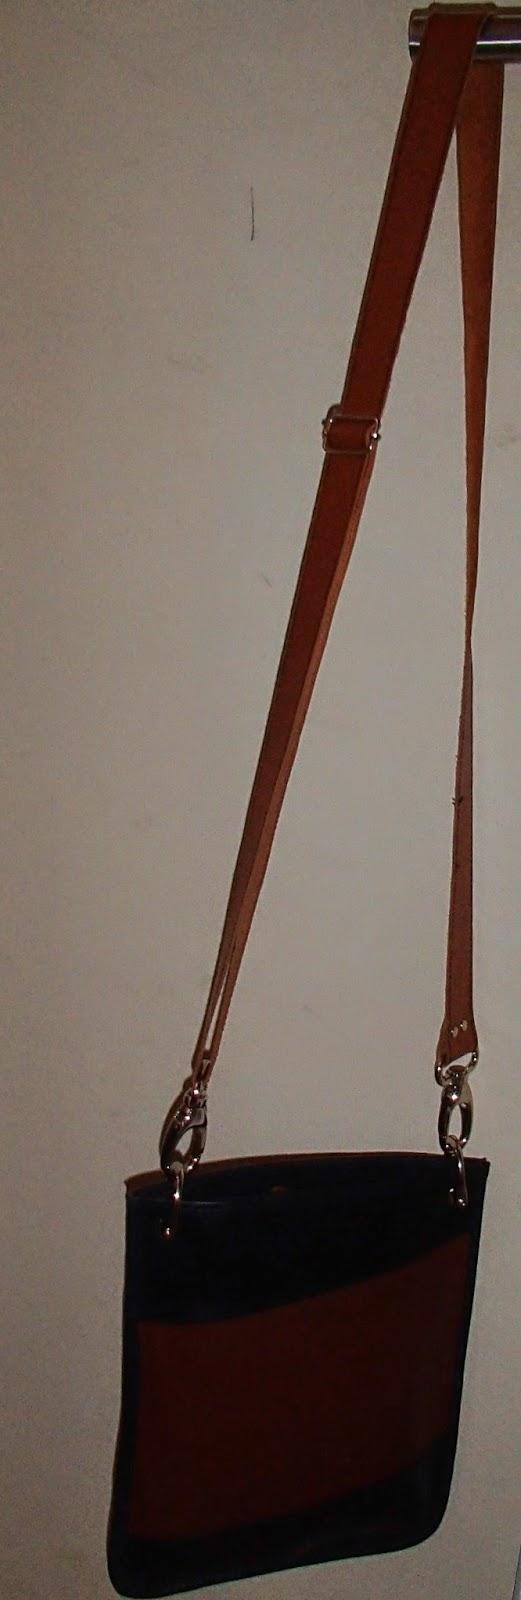 Vue générale du sac à main en cuir bicolore